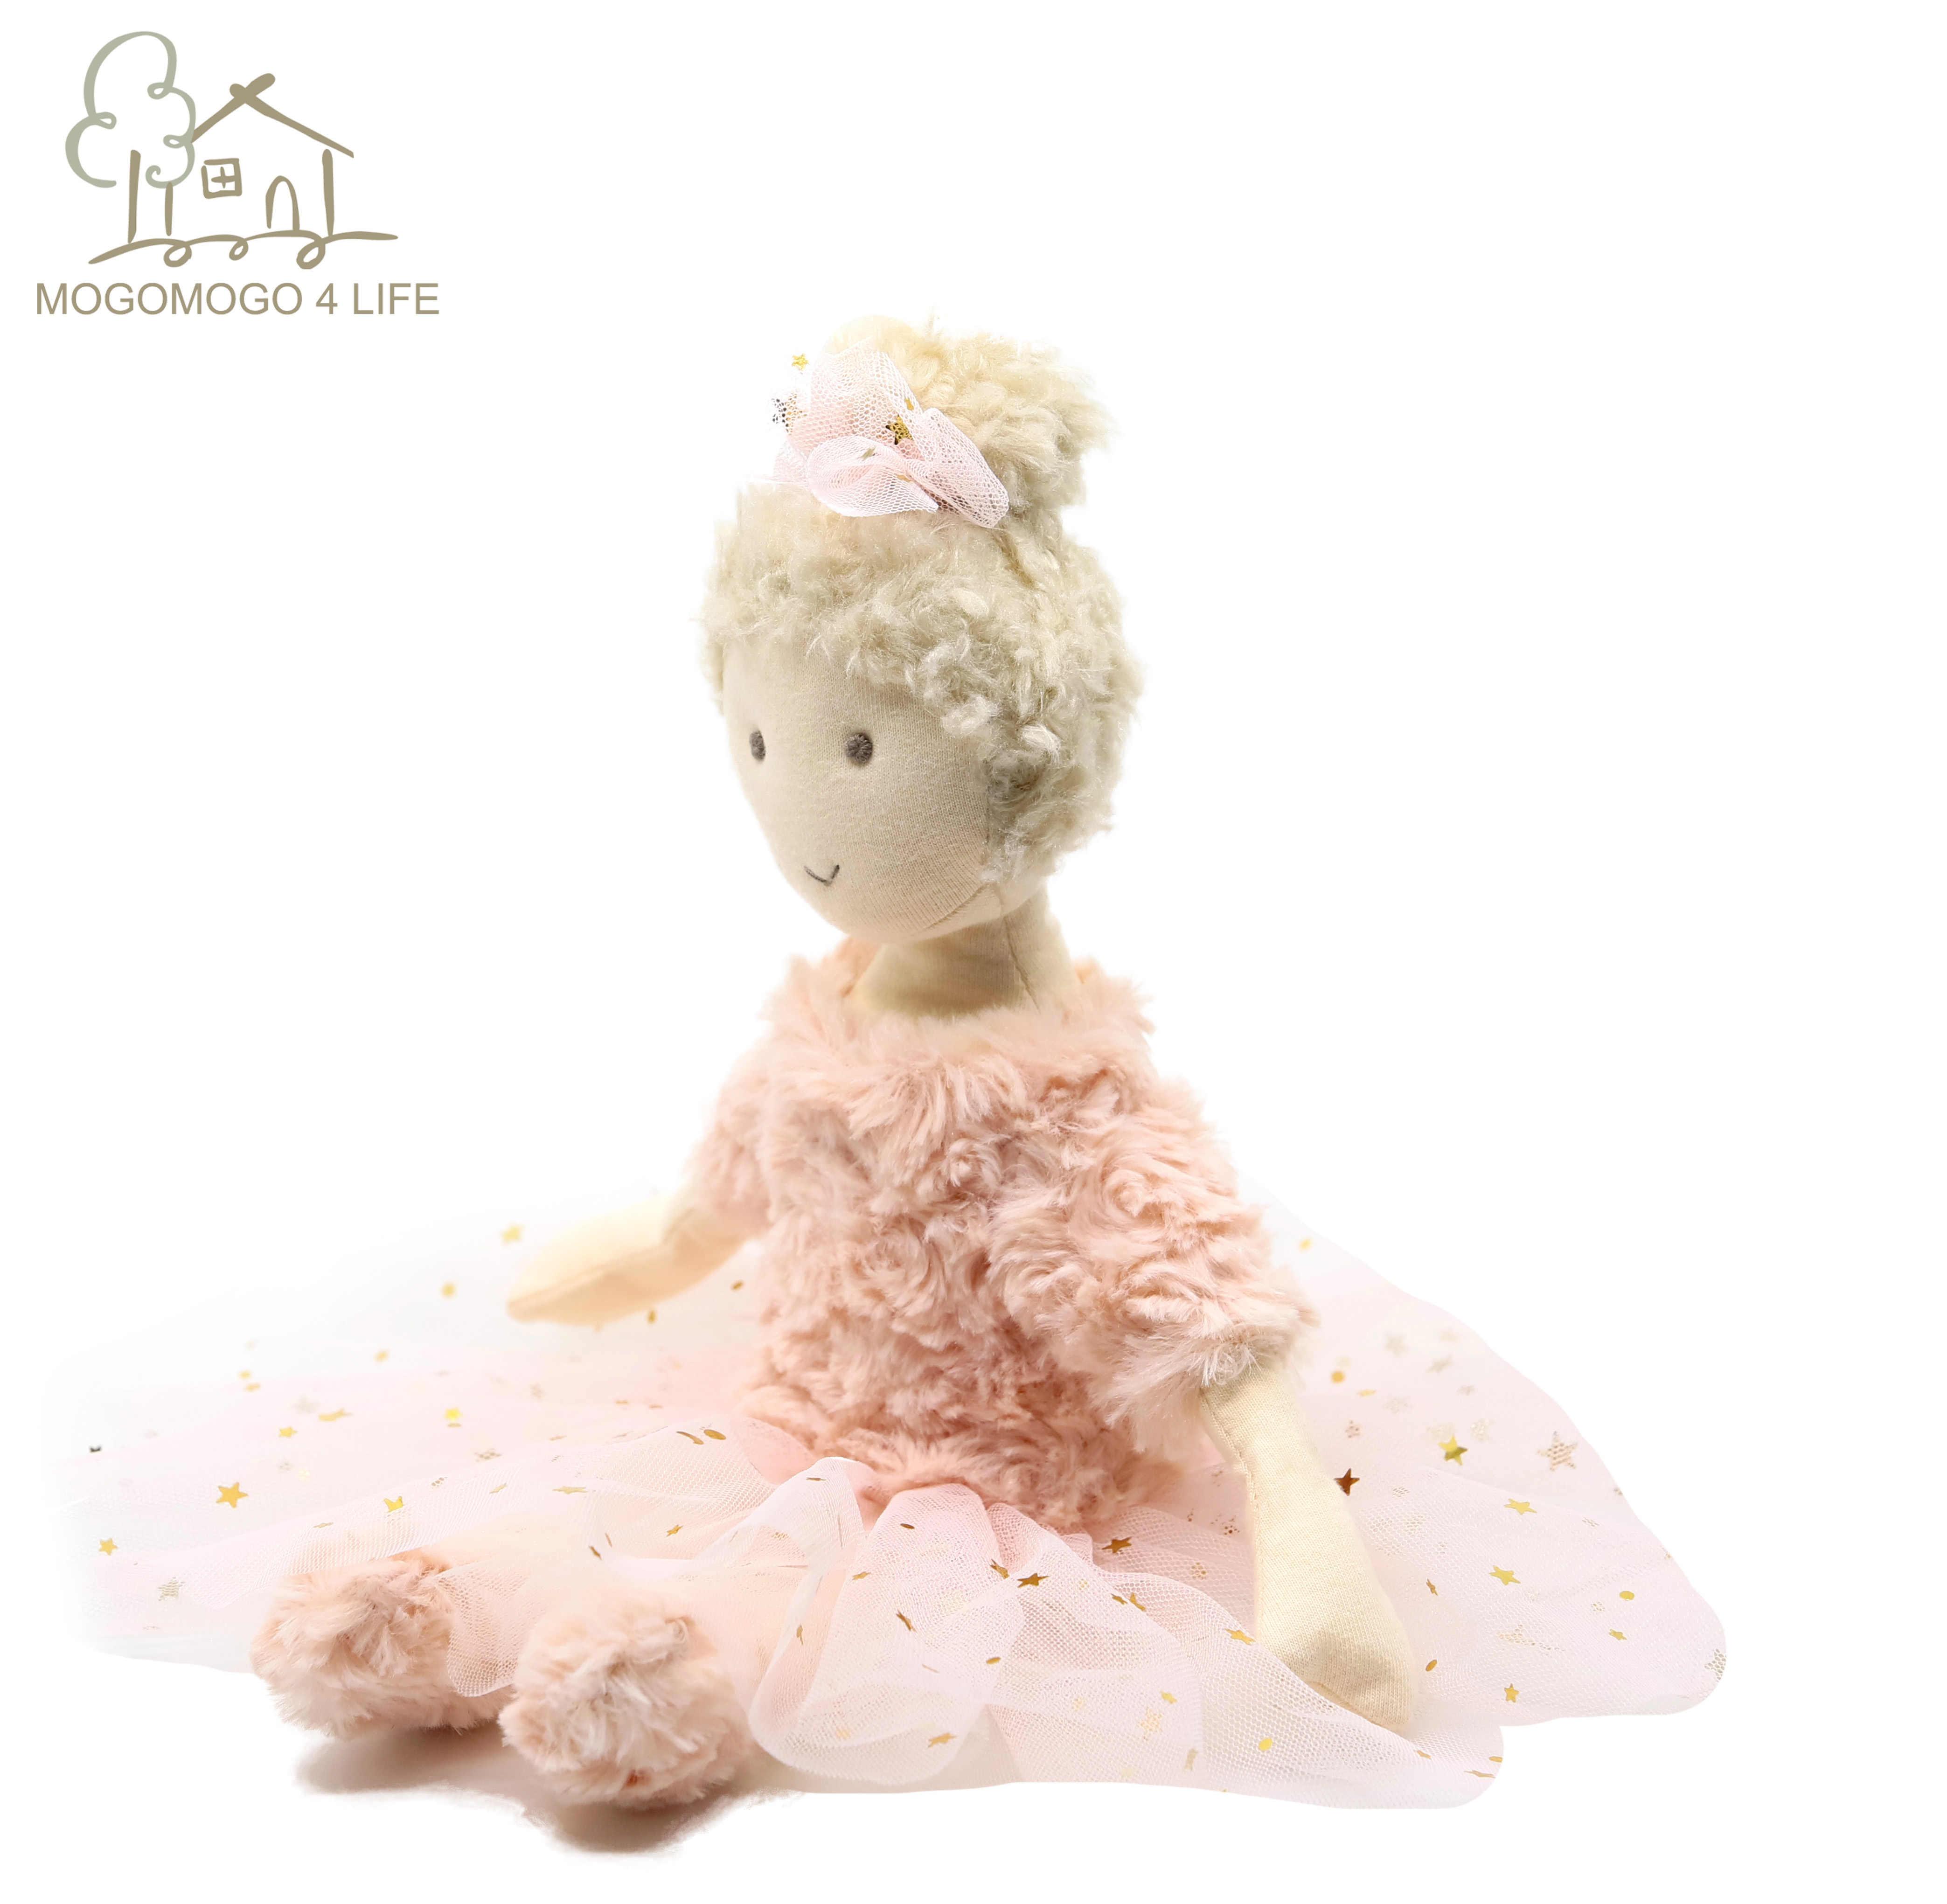 Lüks Mogo pembe bale kız Dolly tatlı hediye çocuklar için bebek yatıştırmak oyuncaklar el yapımı balerin pembe prenses kız bez bebek